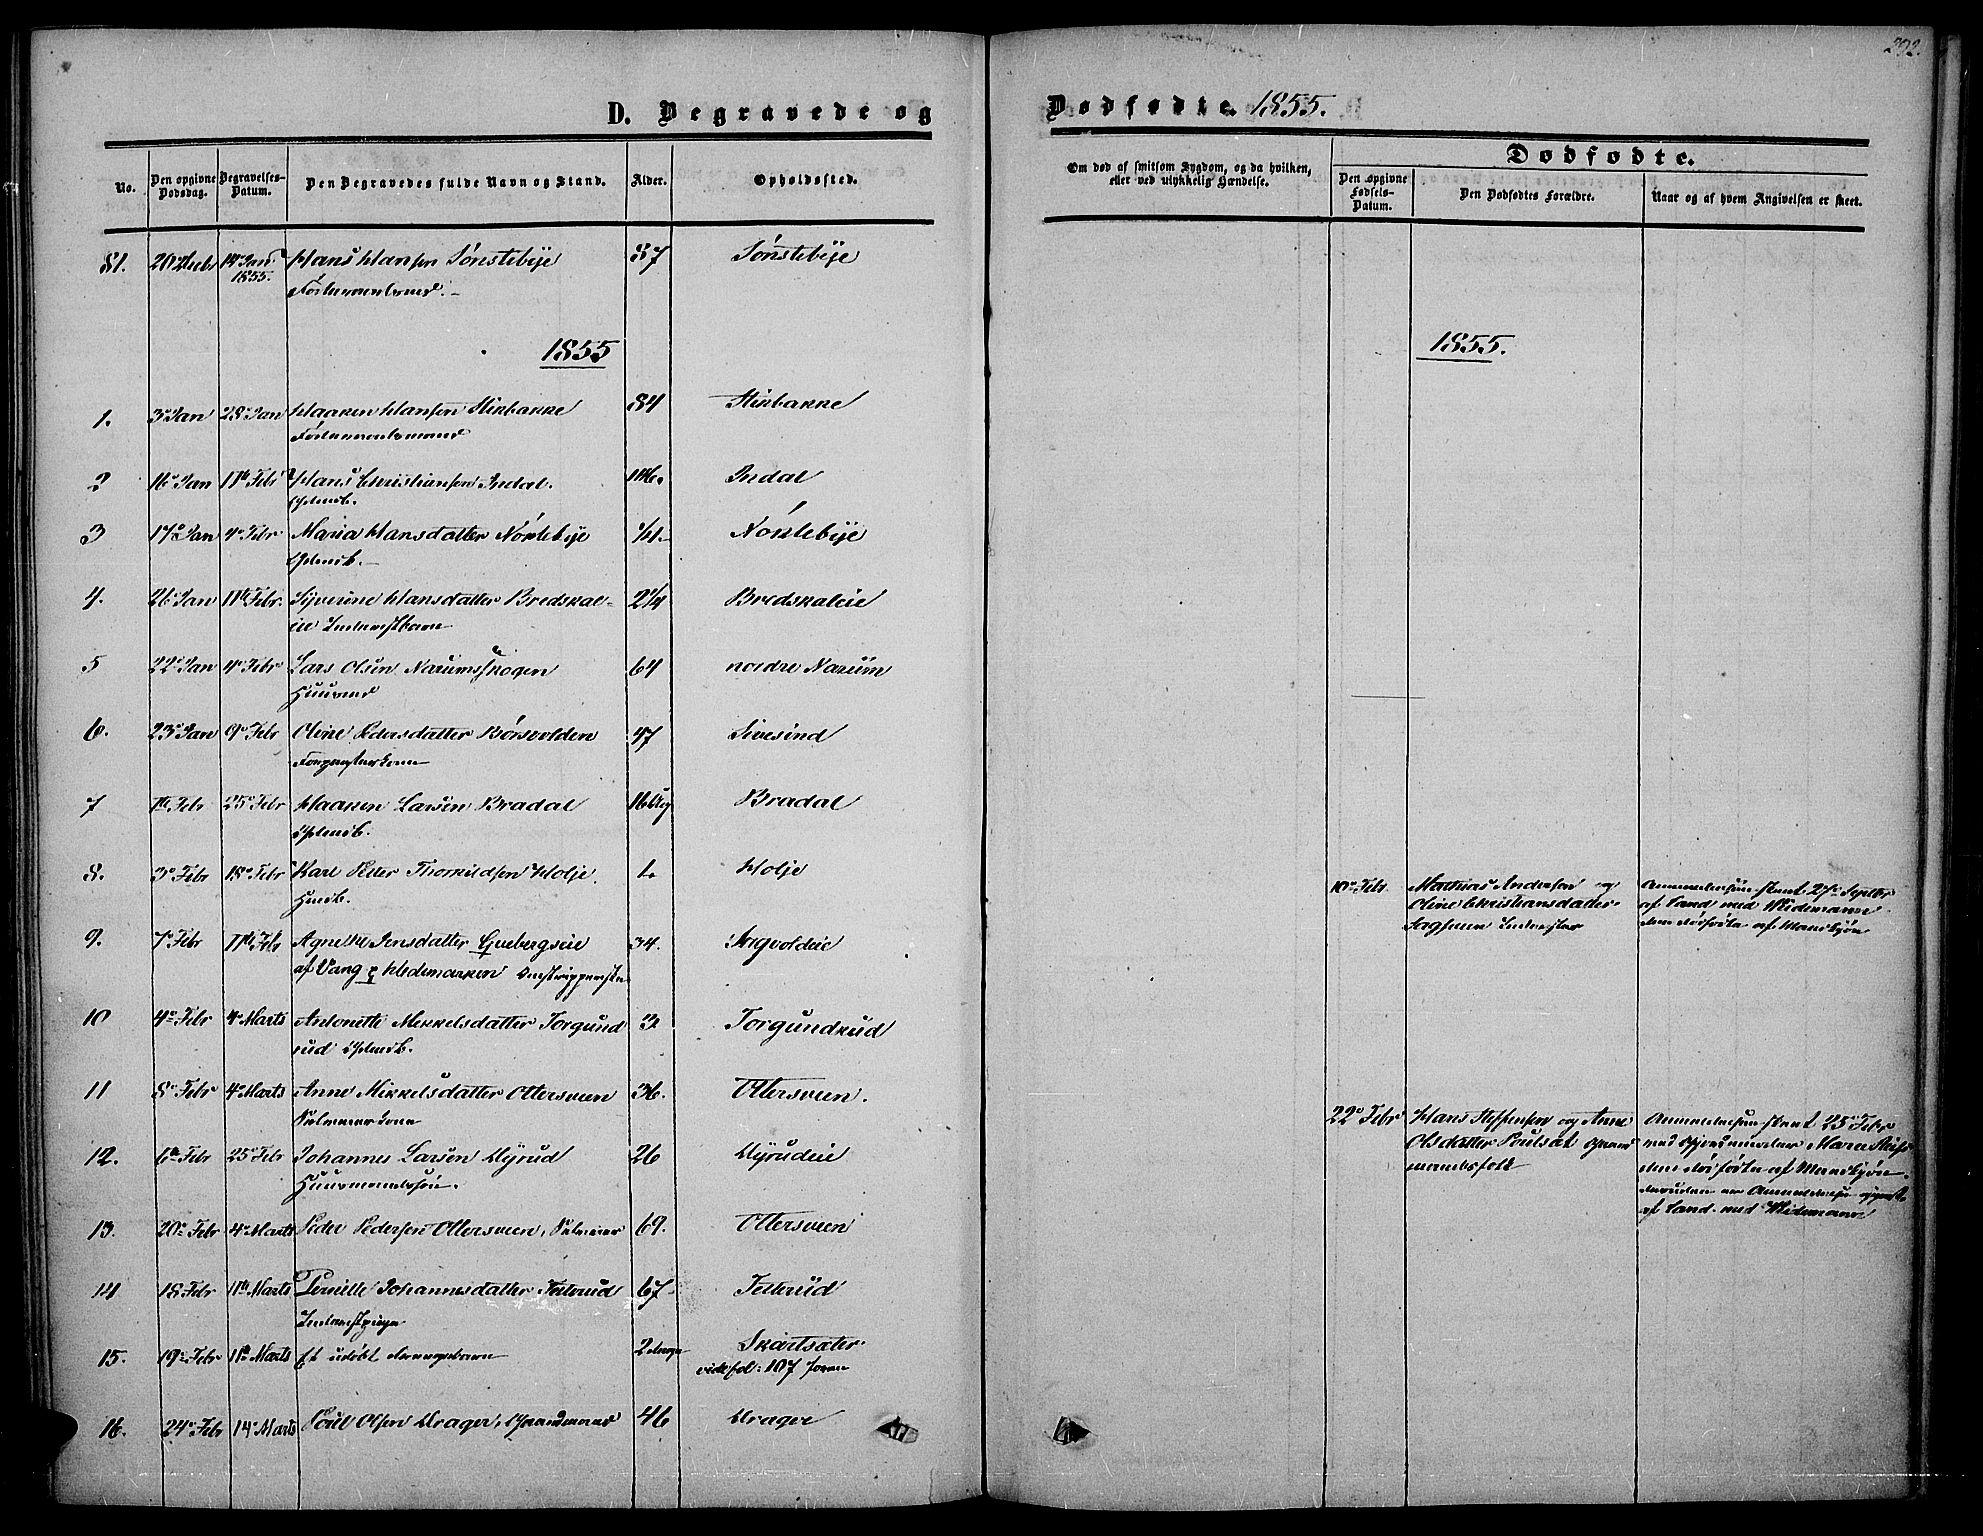 SAH, Vestre Toten prestekontor, Ministerialbok nr. 5, 1850-1855, s. 292